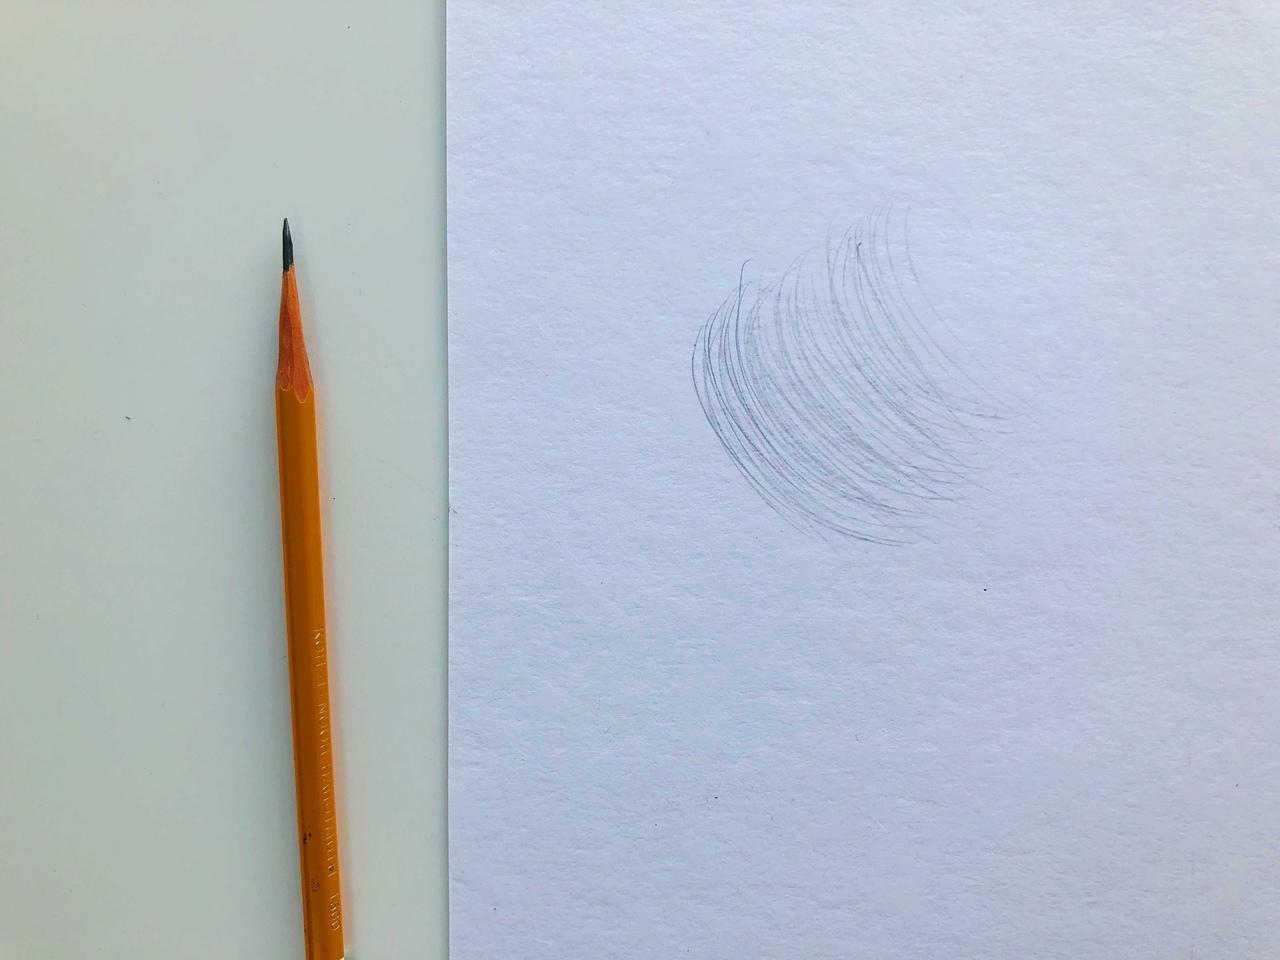 Виды штриховок в рисунке - круговая штриховка - фото